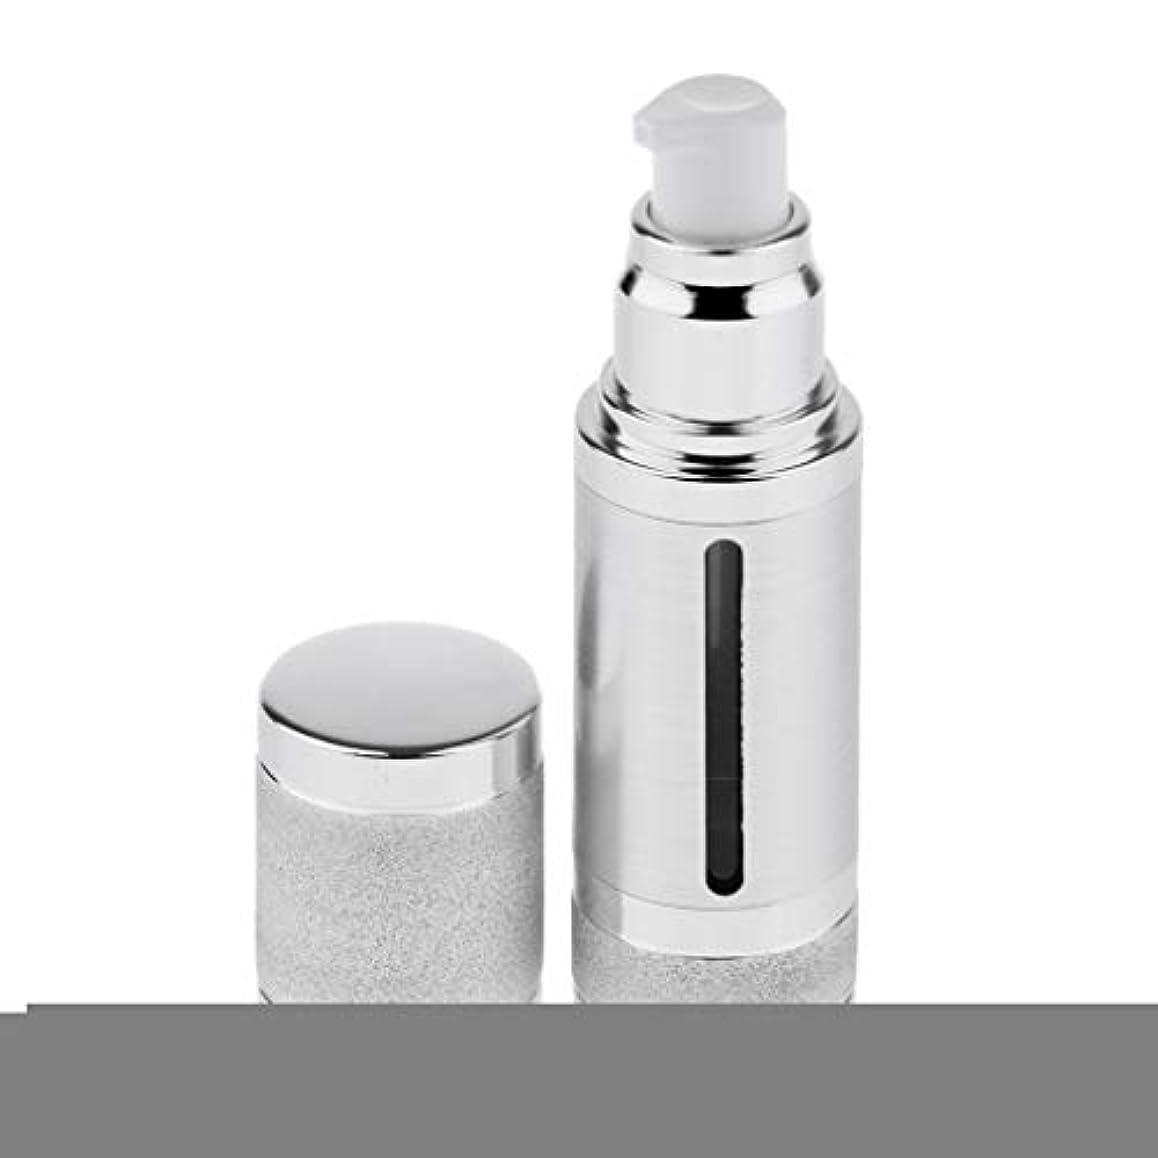 にじみ出る征服する飛行場30ミリリットルエアレスポンプボトルローションクリーム化粧品詰め替え容器 - 銀